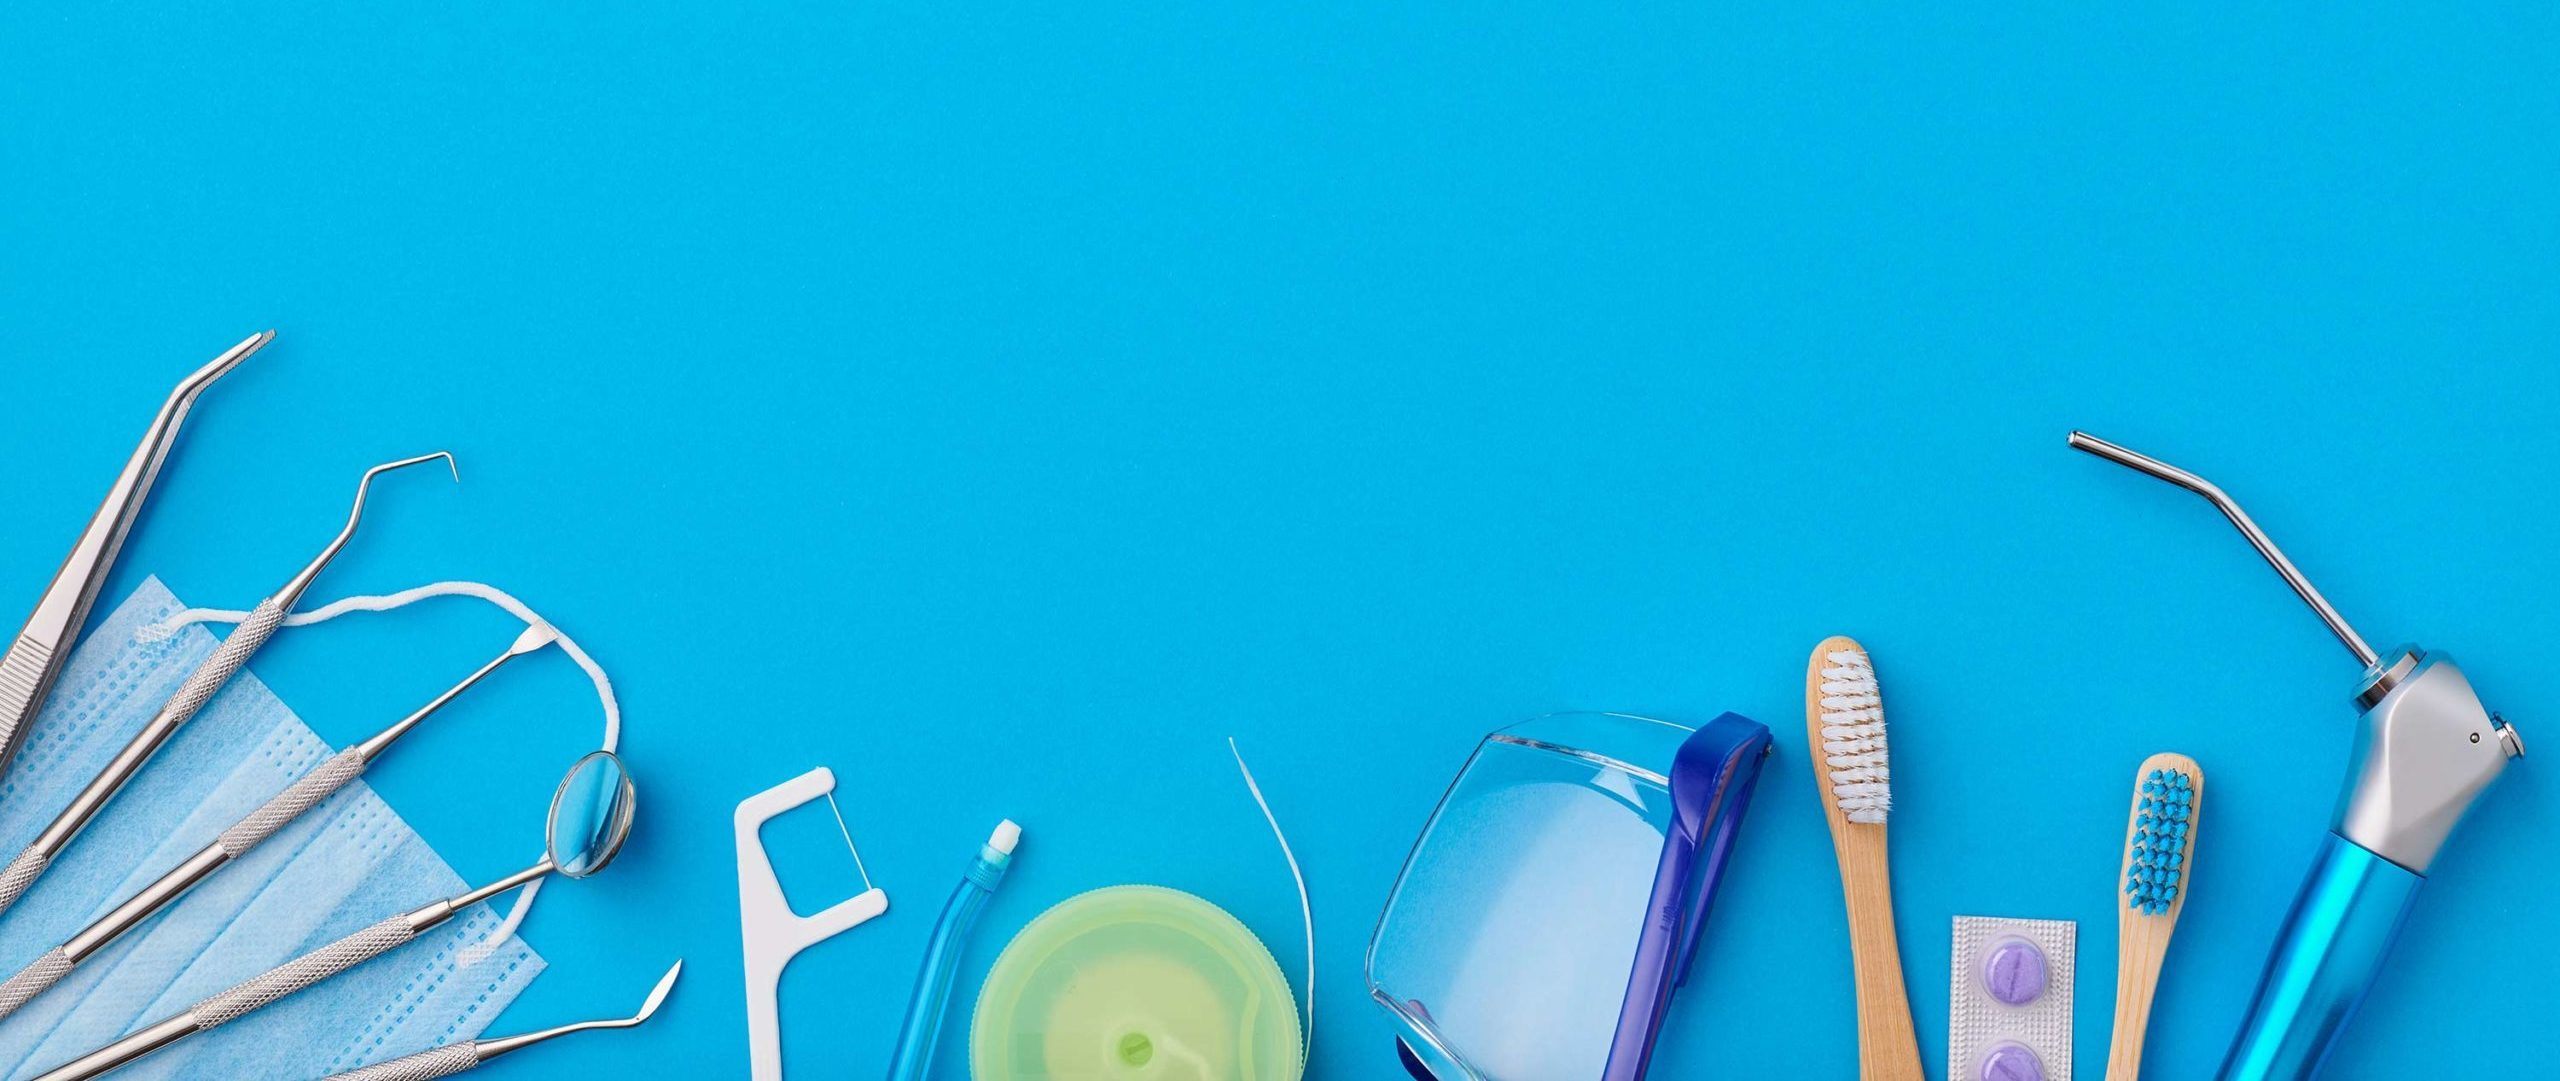 dentist tools - mask, dental floss, tooth brush, pills, drills, mirror